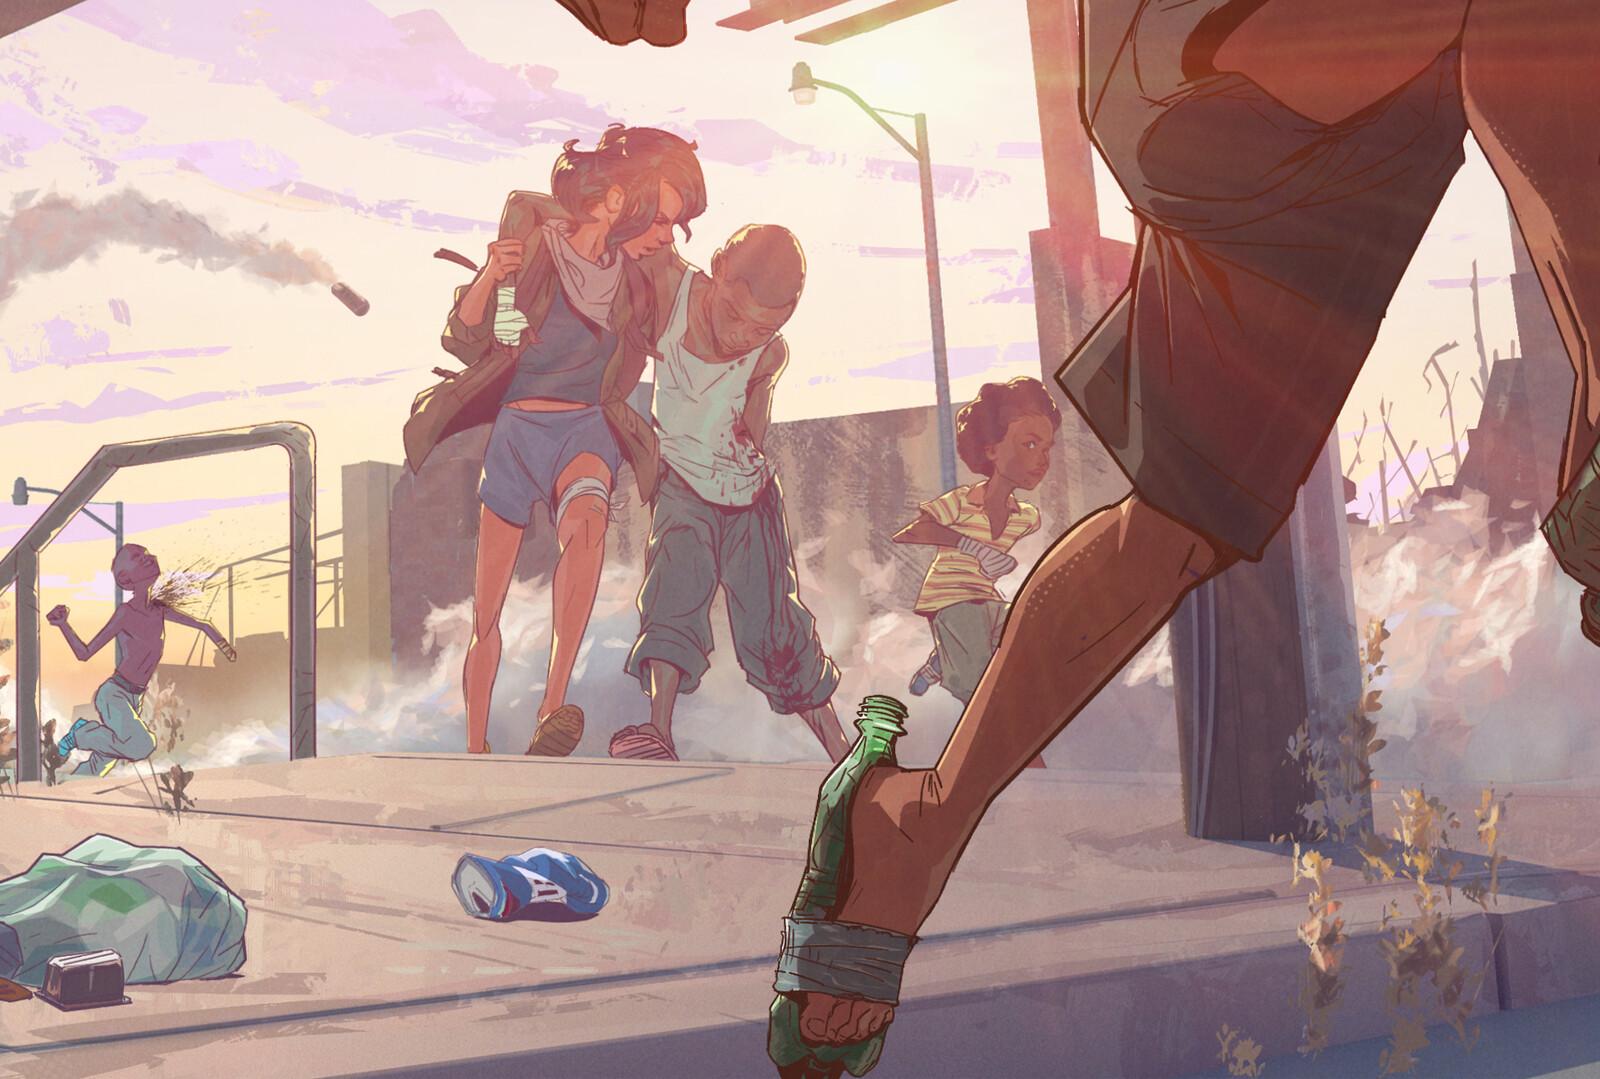 detail1. Bottle shoes, man.  Bottle shoes.